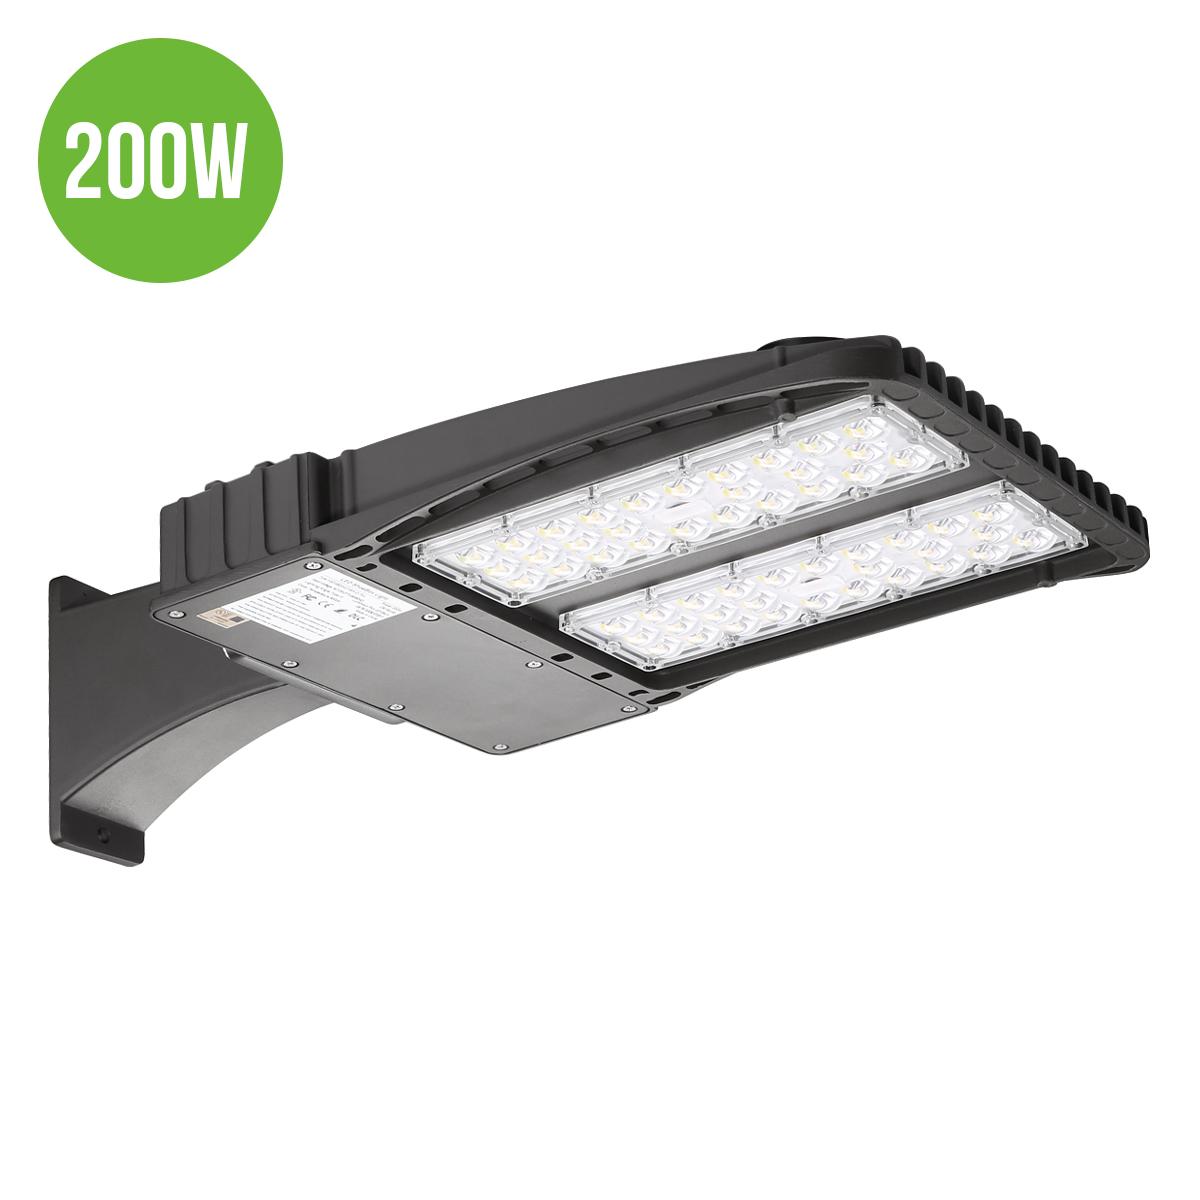 LE 22100 Lumens LED Area Light